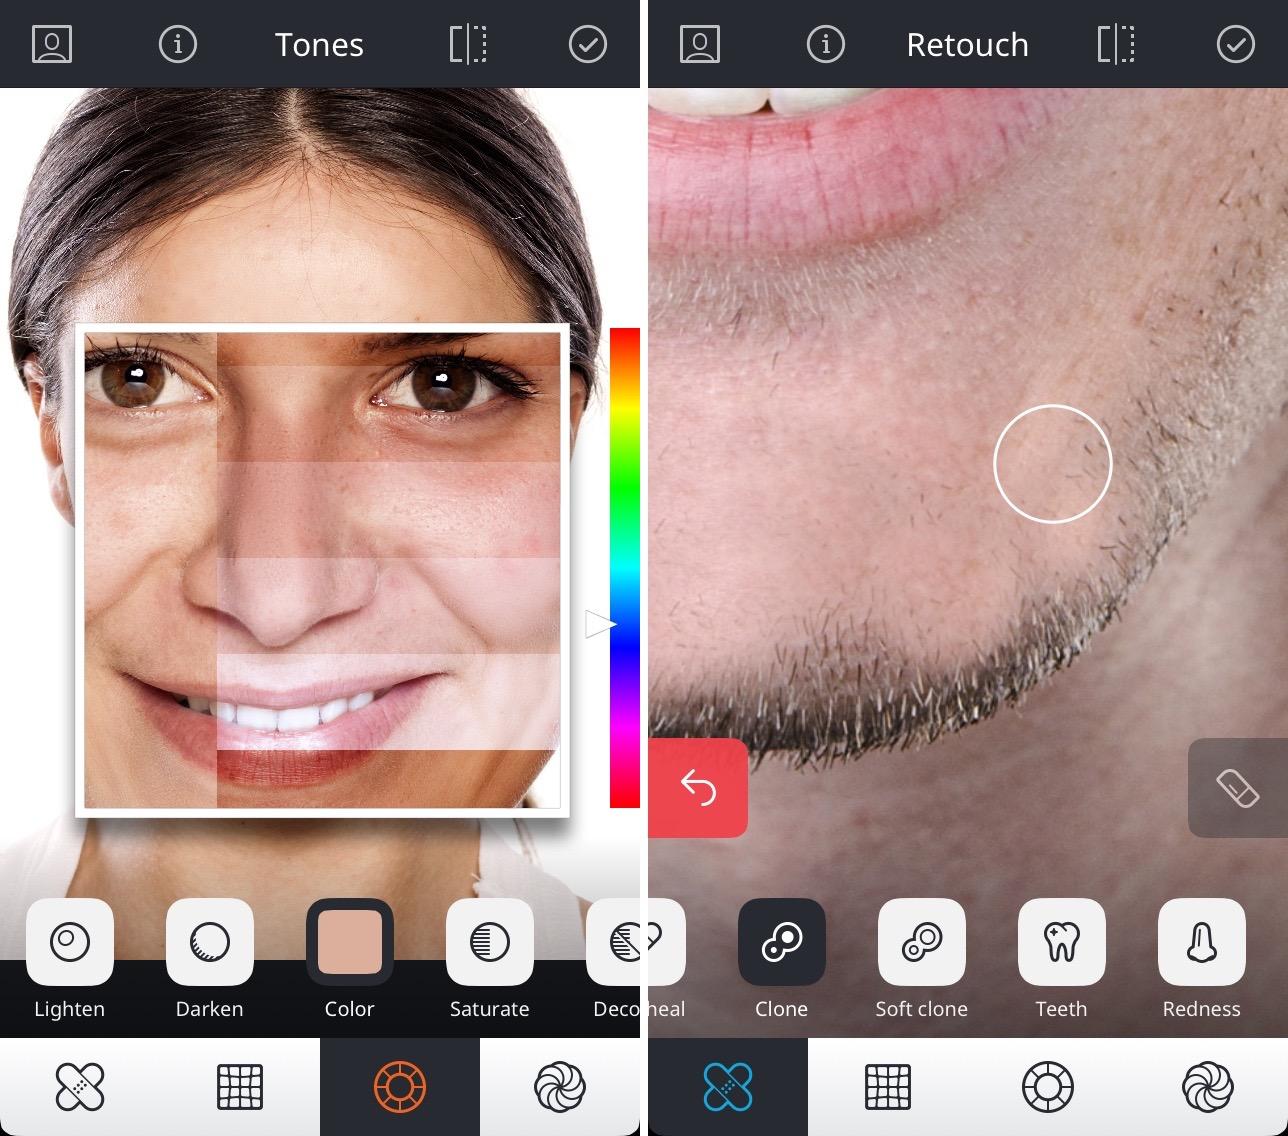 фоторедактор в котором можно рисовать айфон лица